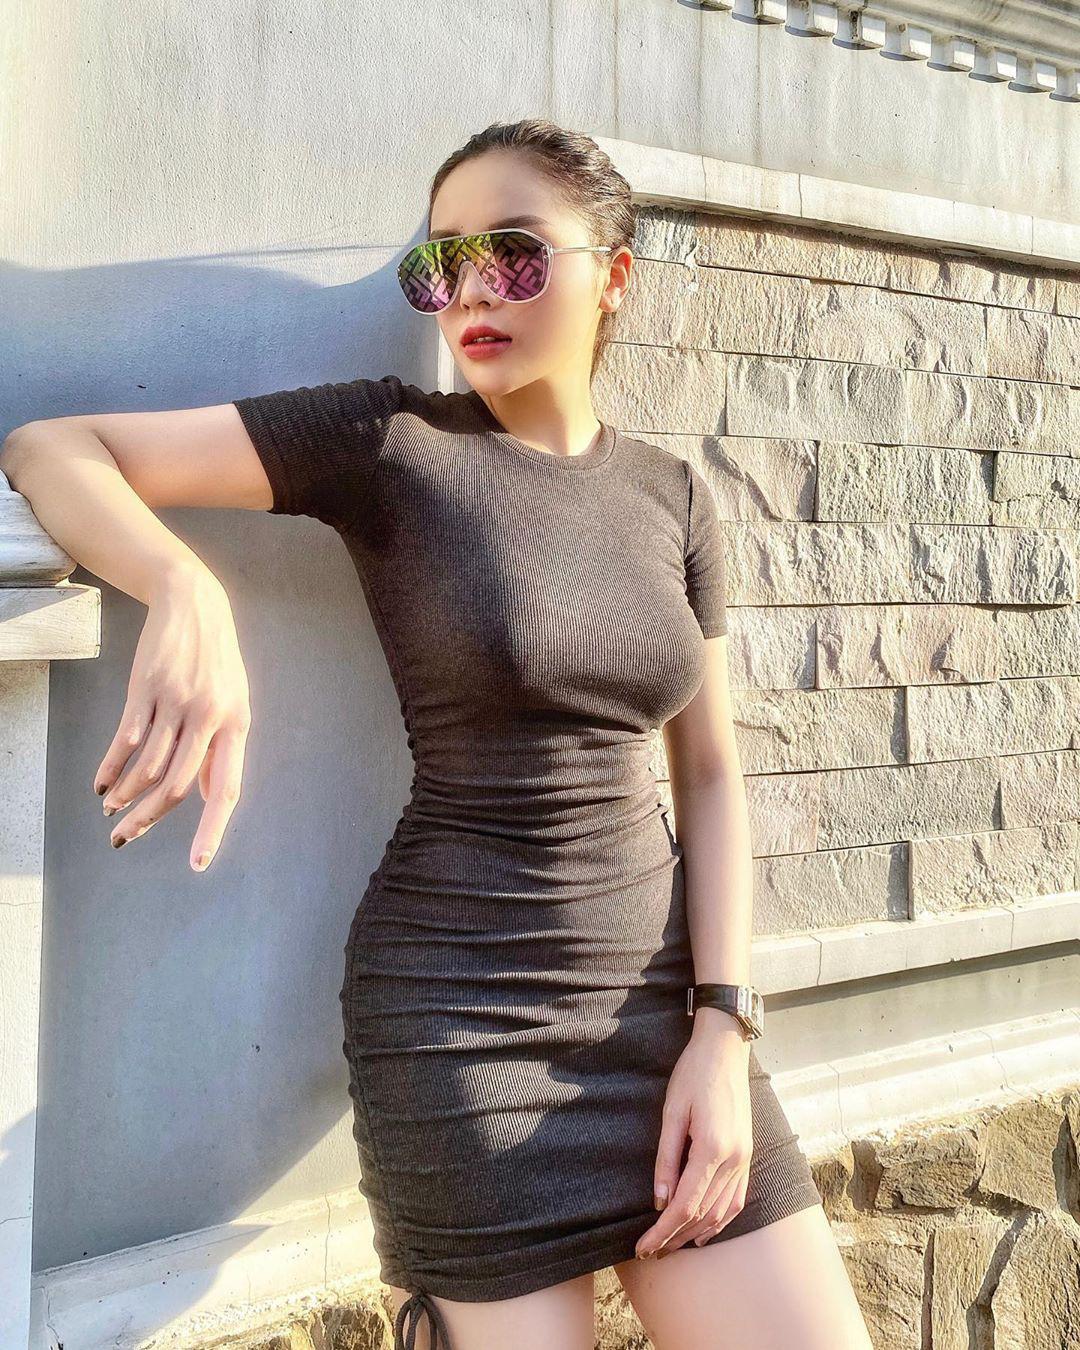 Outfit dạo phố của cô nàng được lược giản mọi thứ nhưng lại tạo được những hiệu ứng đặc biệt nhở kiểu váy tôn dángnày.